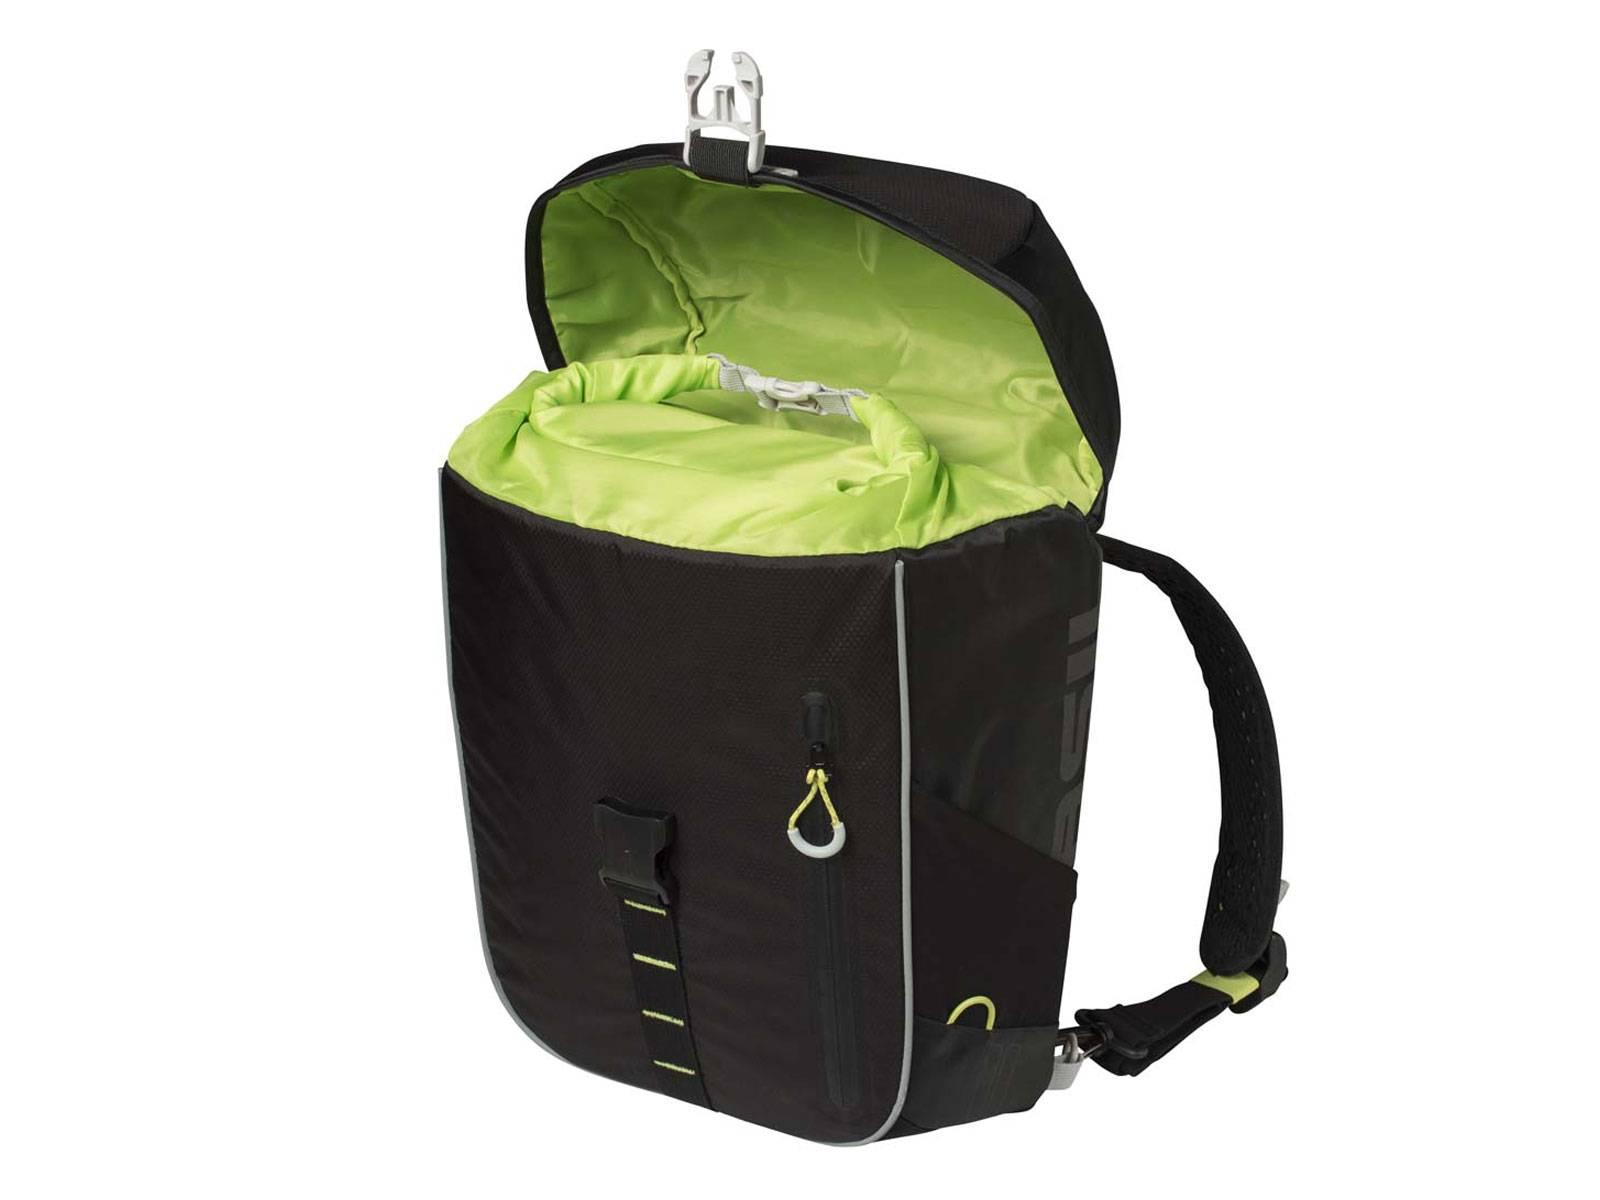 basil fahrradtasche rucksack miles schwarz lime fahrradkomfort. Black Bedroom Furniture Sets. Home Design Ideas